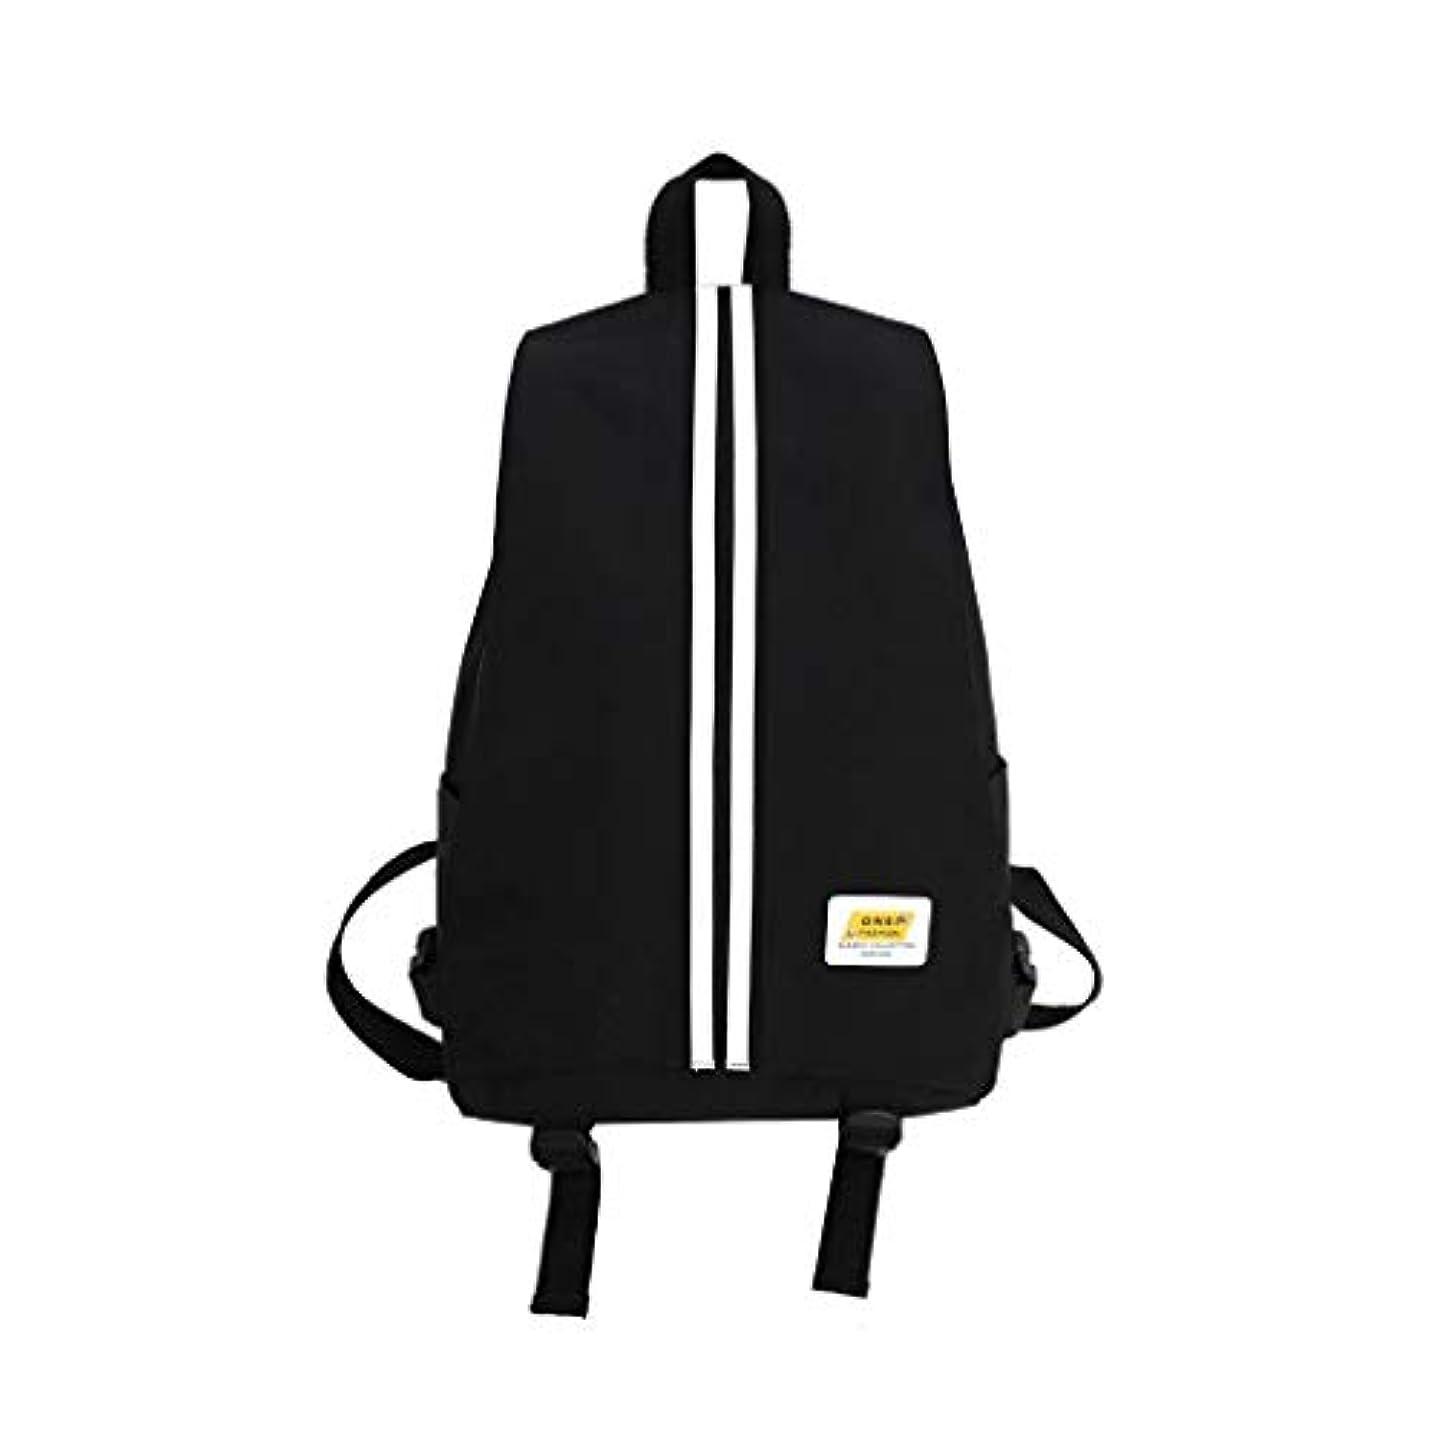 カップ勧めるテスピアンショルダーバッグ バックパック大容量 学生鞄通学通勤レジャー鞄 ママリュック リュックサック クリアランス ファッション軽量コンピューターバッグハイキングレジャートラベルバッグ